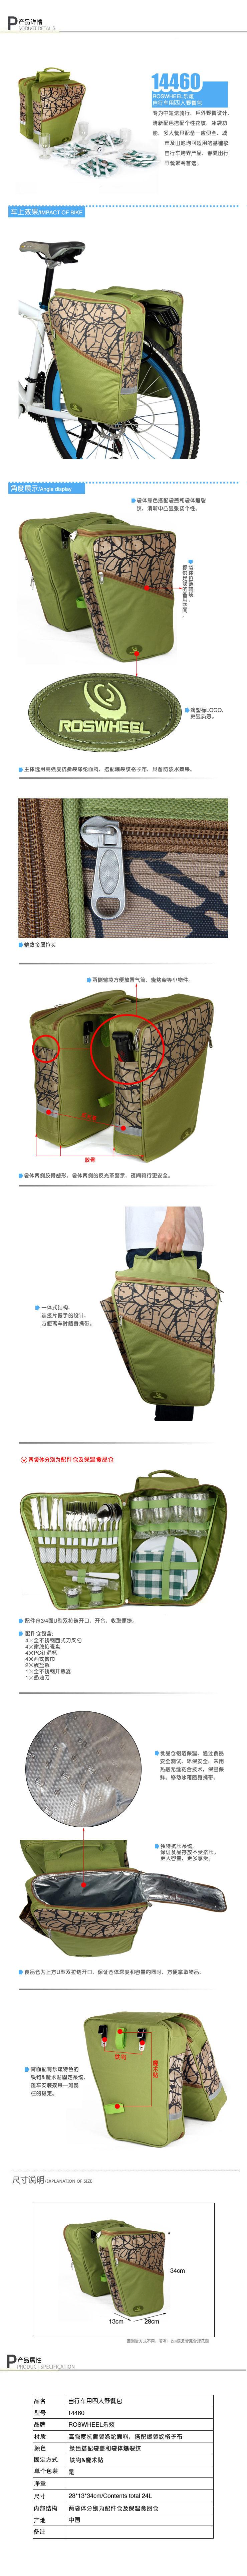 Велосипедные сумки для пикника, на 4 персоны